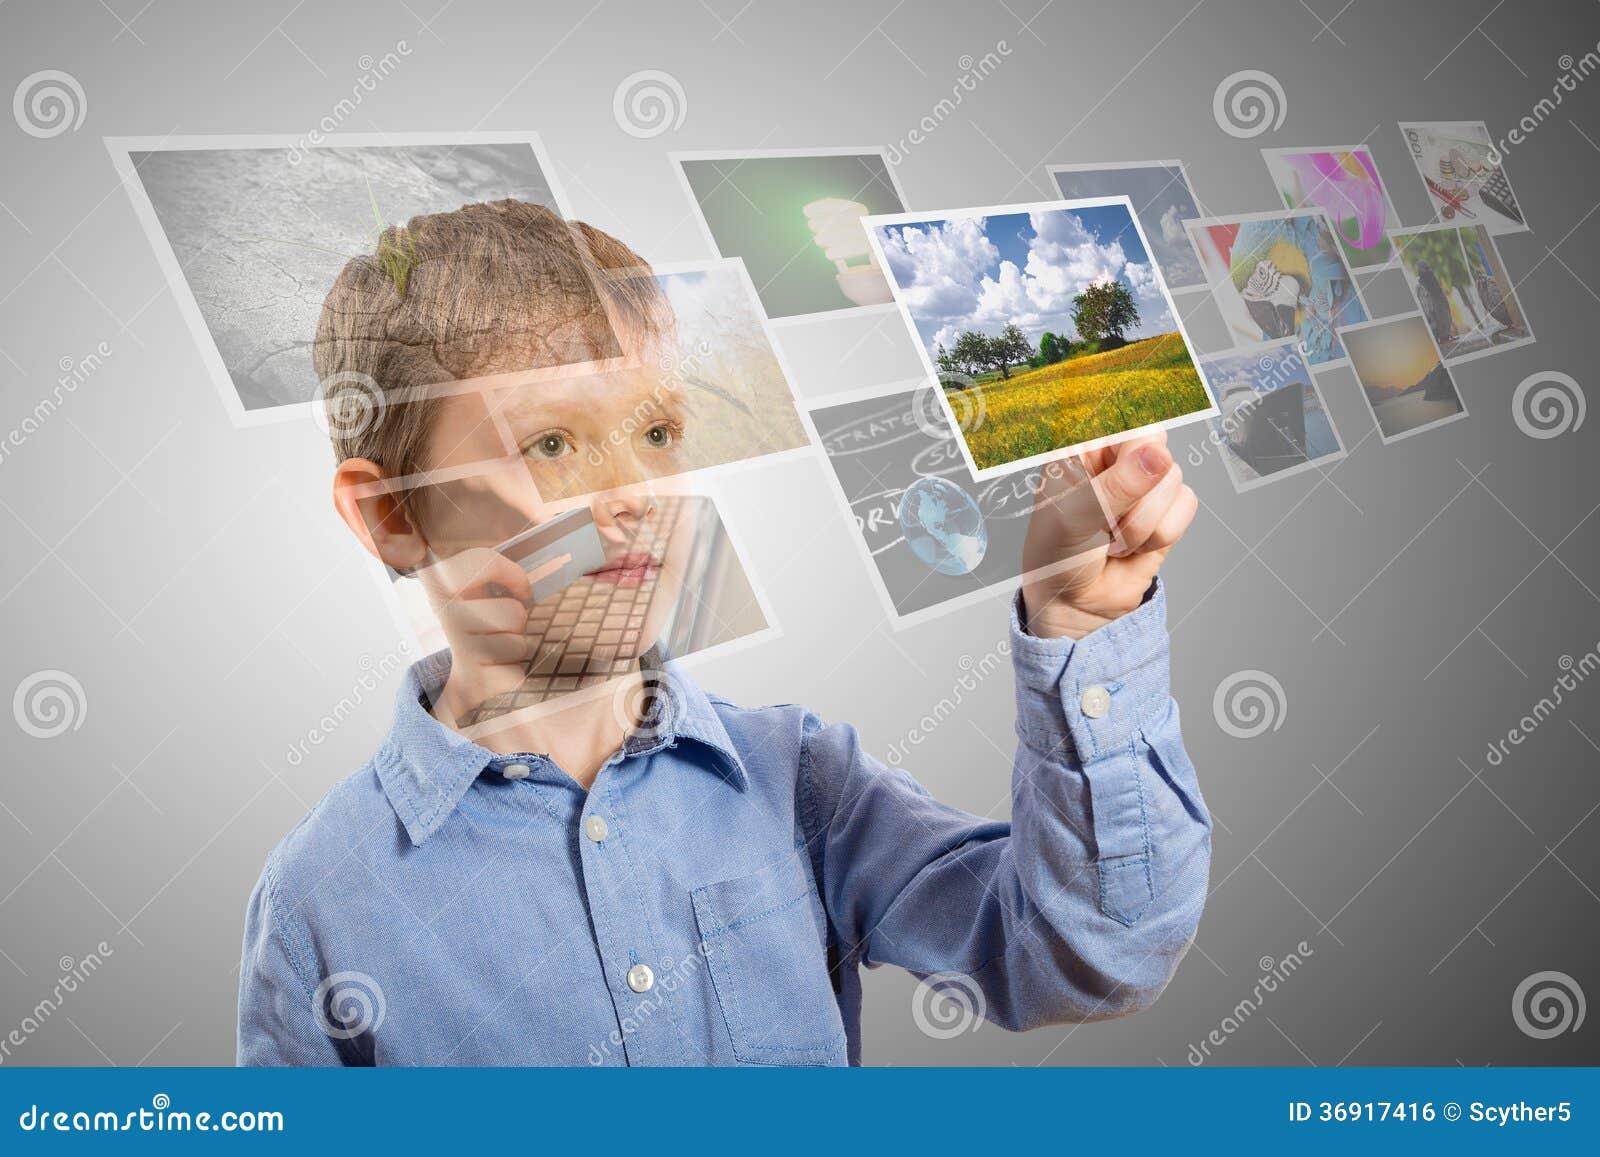 Chłopiec ręki dojechania wizerunki leje się od głębokiego.